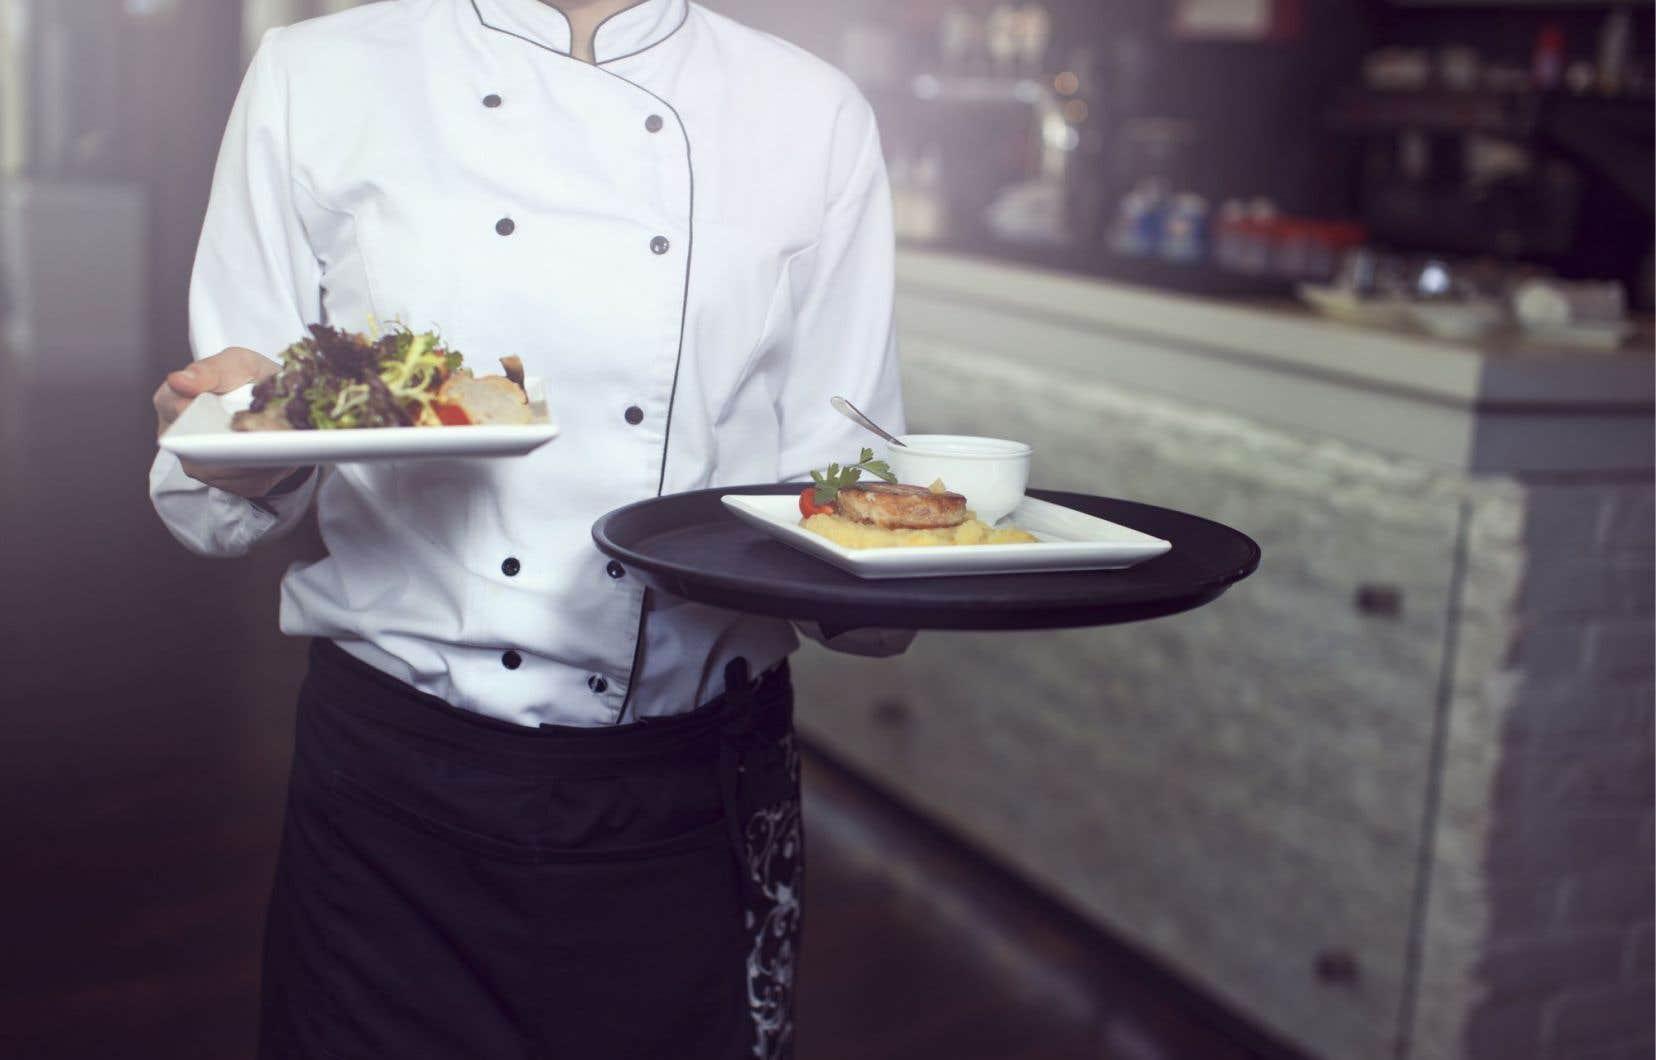 Le salaire horaire moyen des serveurs, incluant les pourboires déclarés, est d'environ 26$ l'heure, alors que la rémunération des cuisiniers tourne autour de 16$ l'heure.